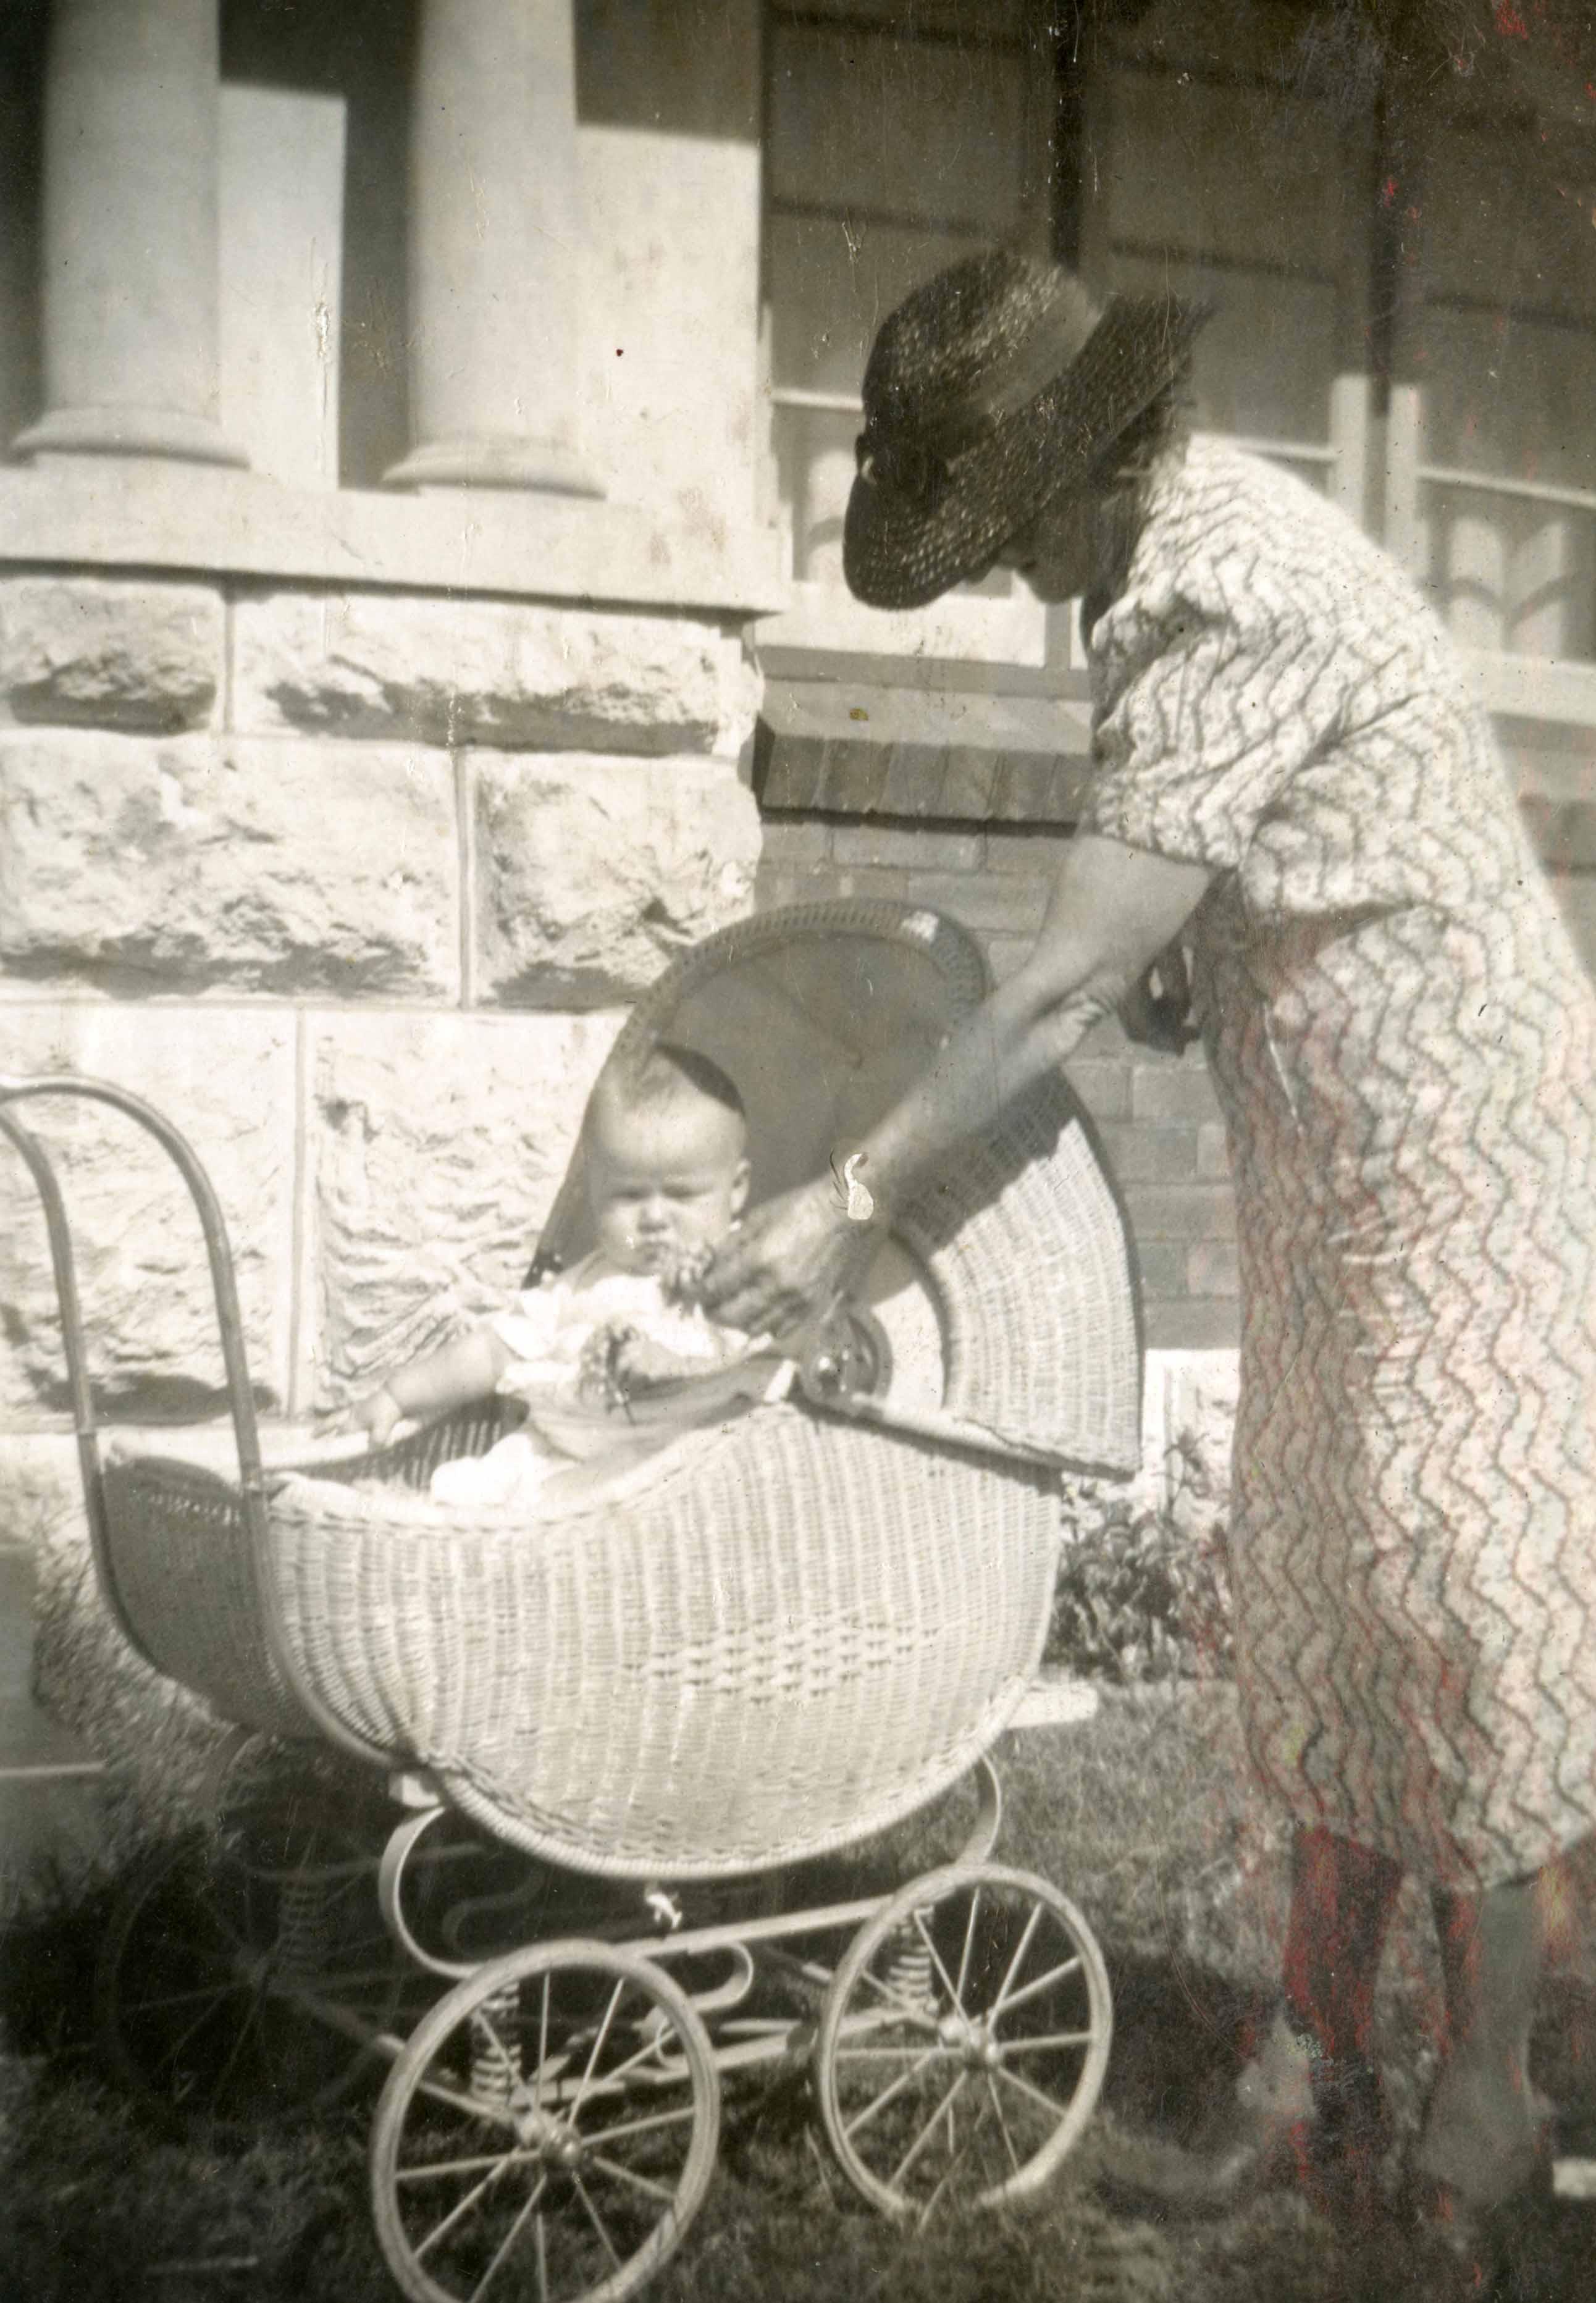 167. Baby pram at 29 Doris St 1942